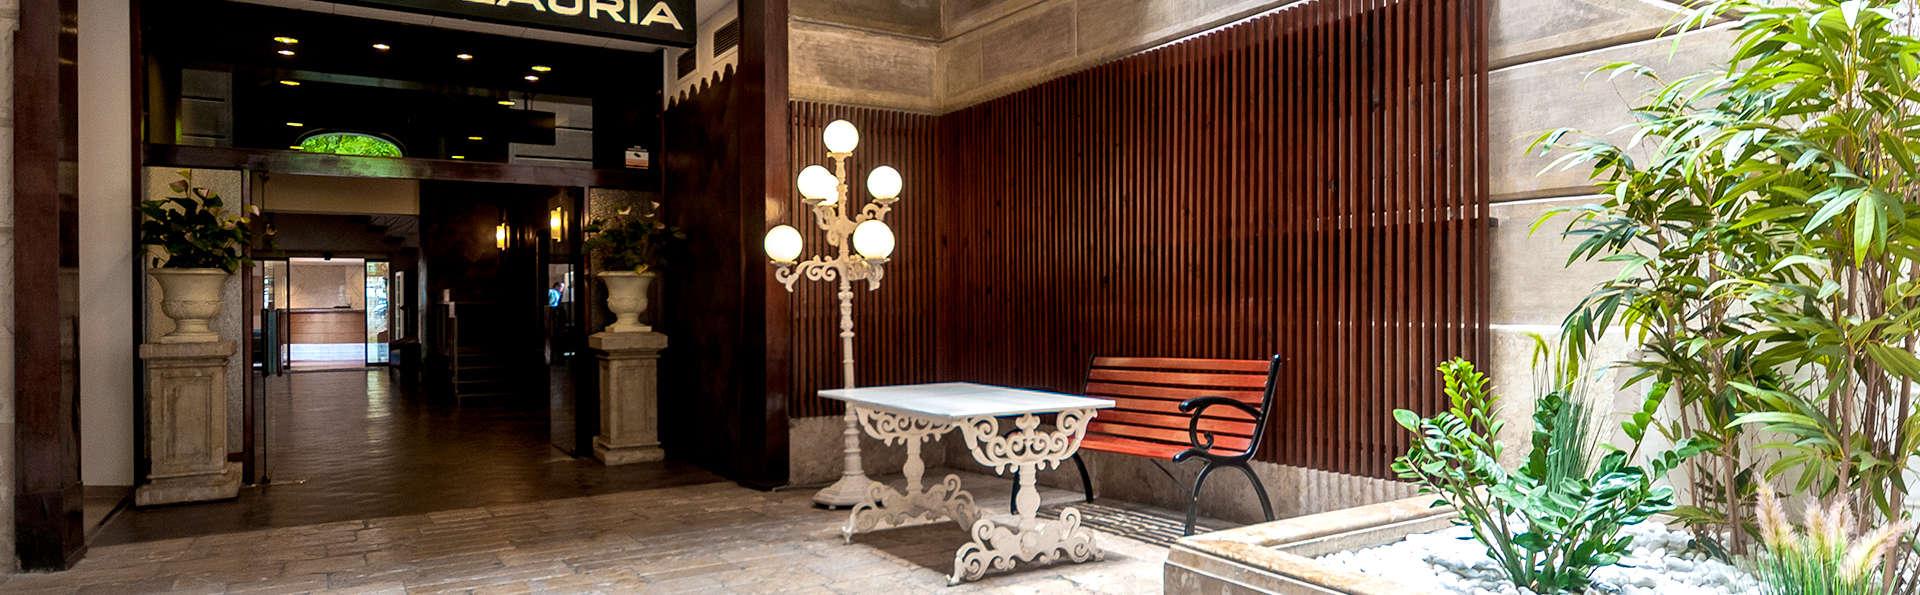 Hotel Lauria - Edit_Entrance.jpg